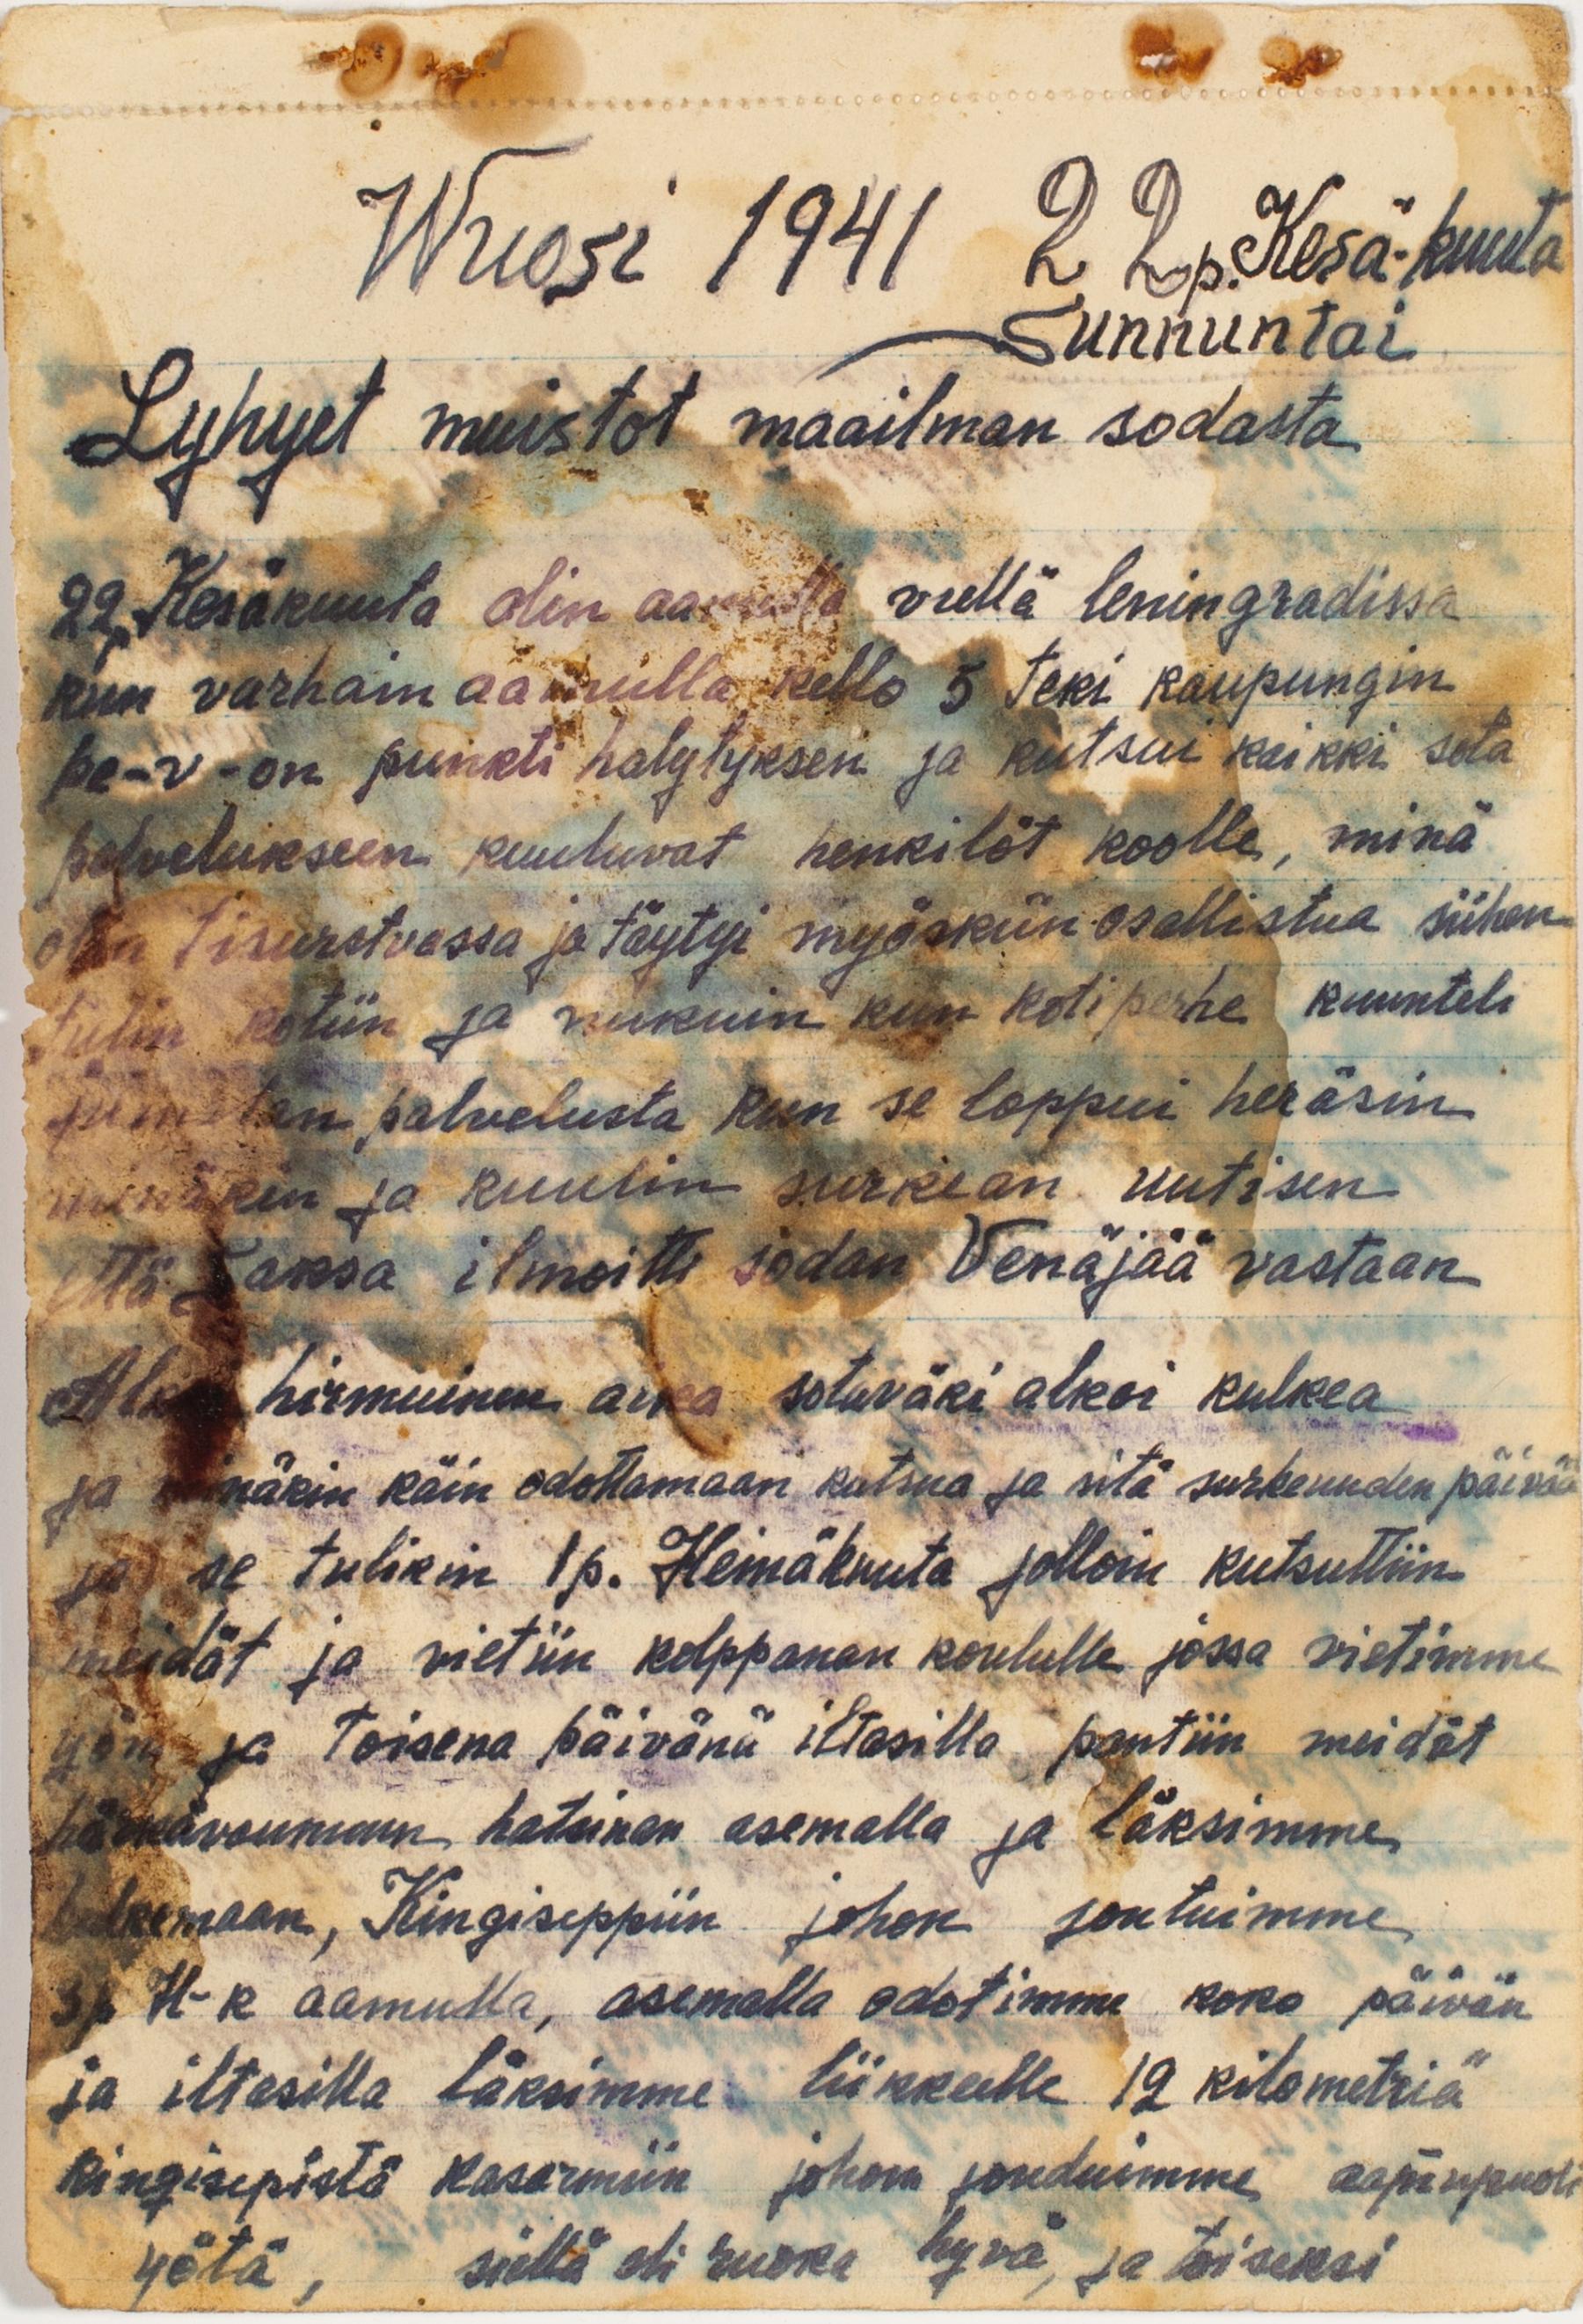 Juho Pokkisen päiväkirjan sivu 22.6.1941. SKS KIA, Pokkinen-suvun arkisto. CC BY 4.0